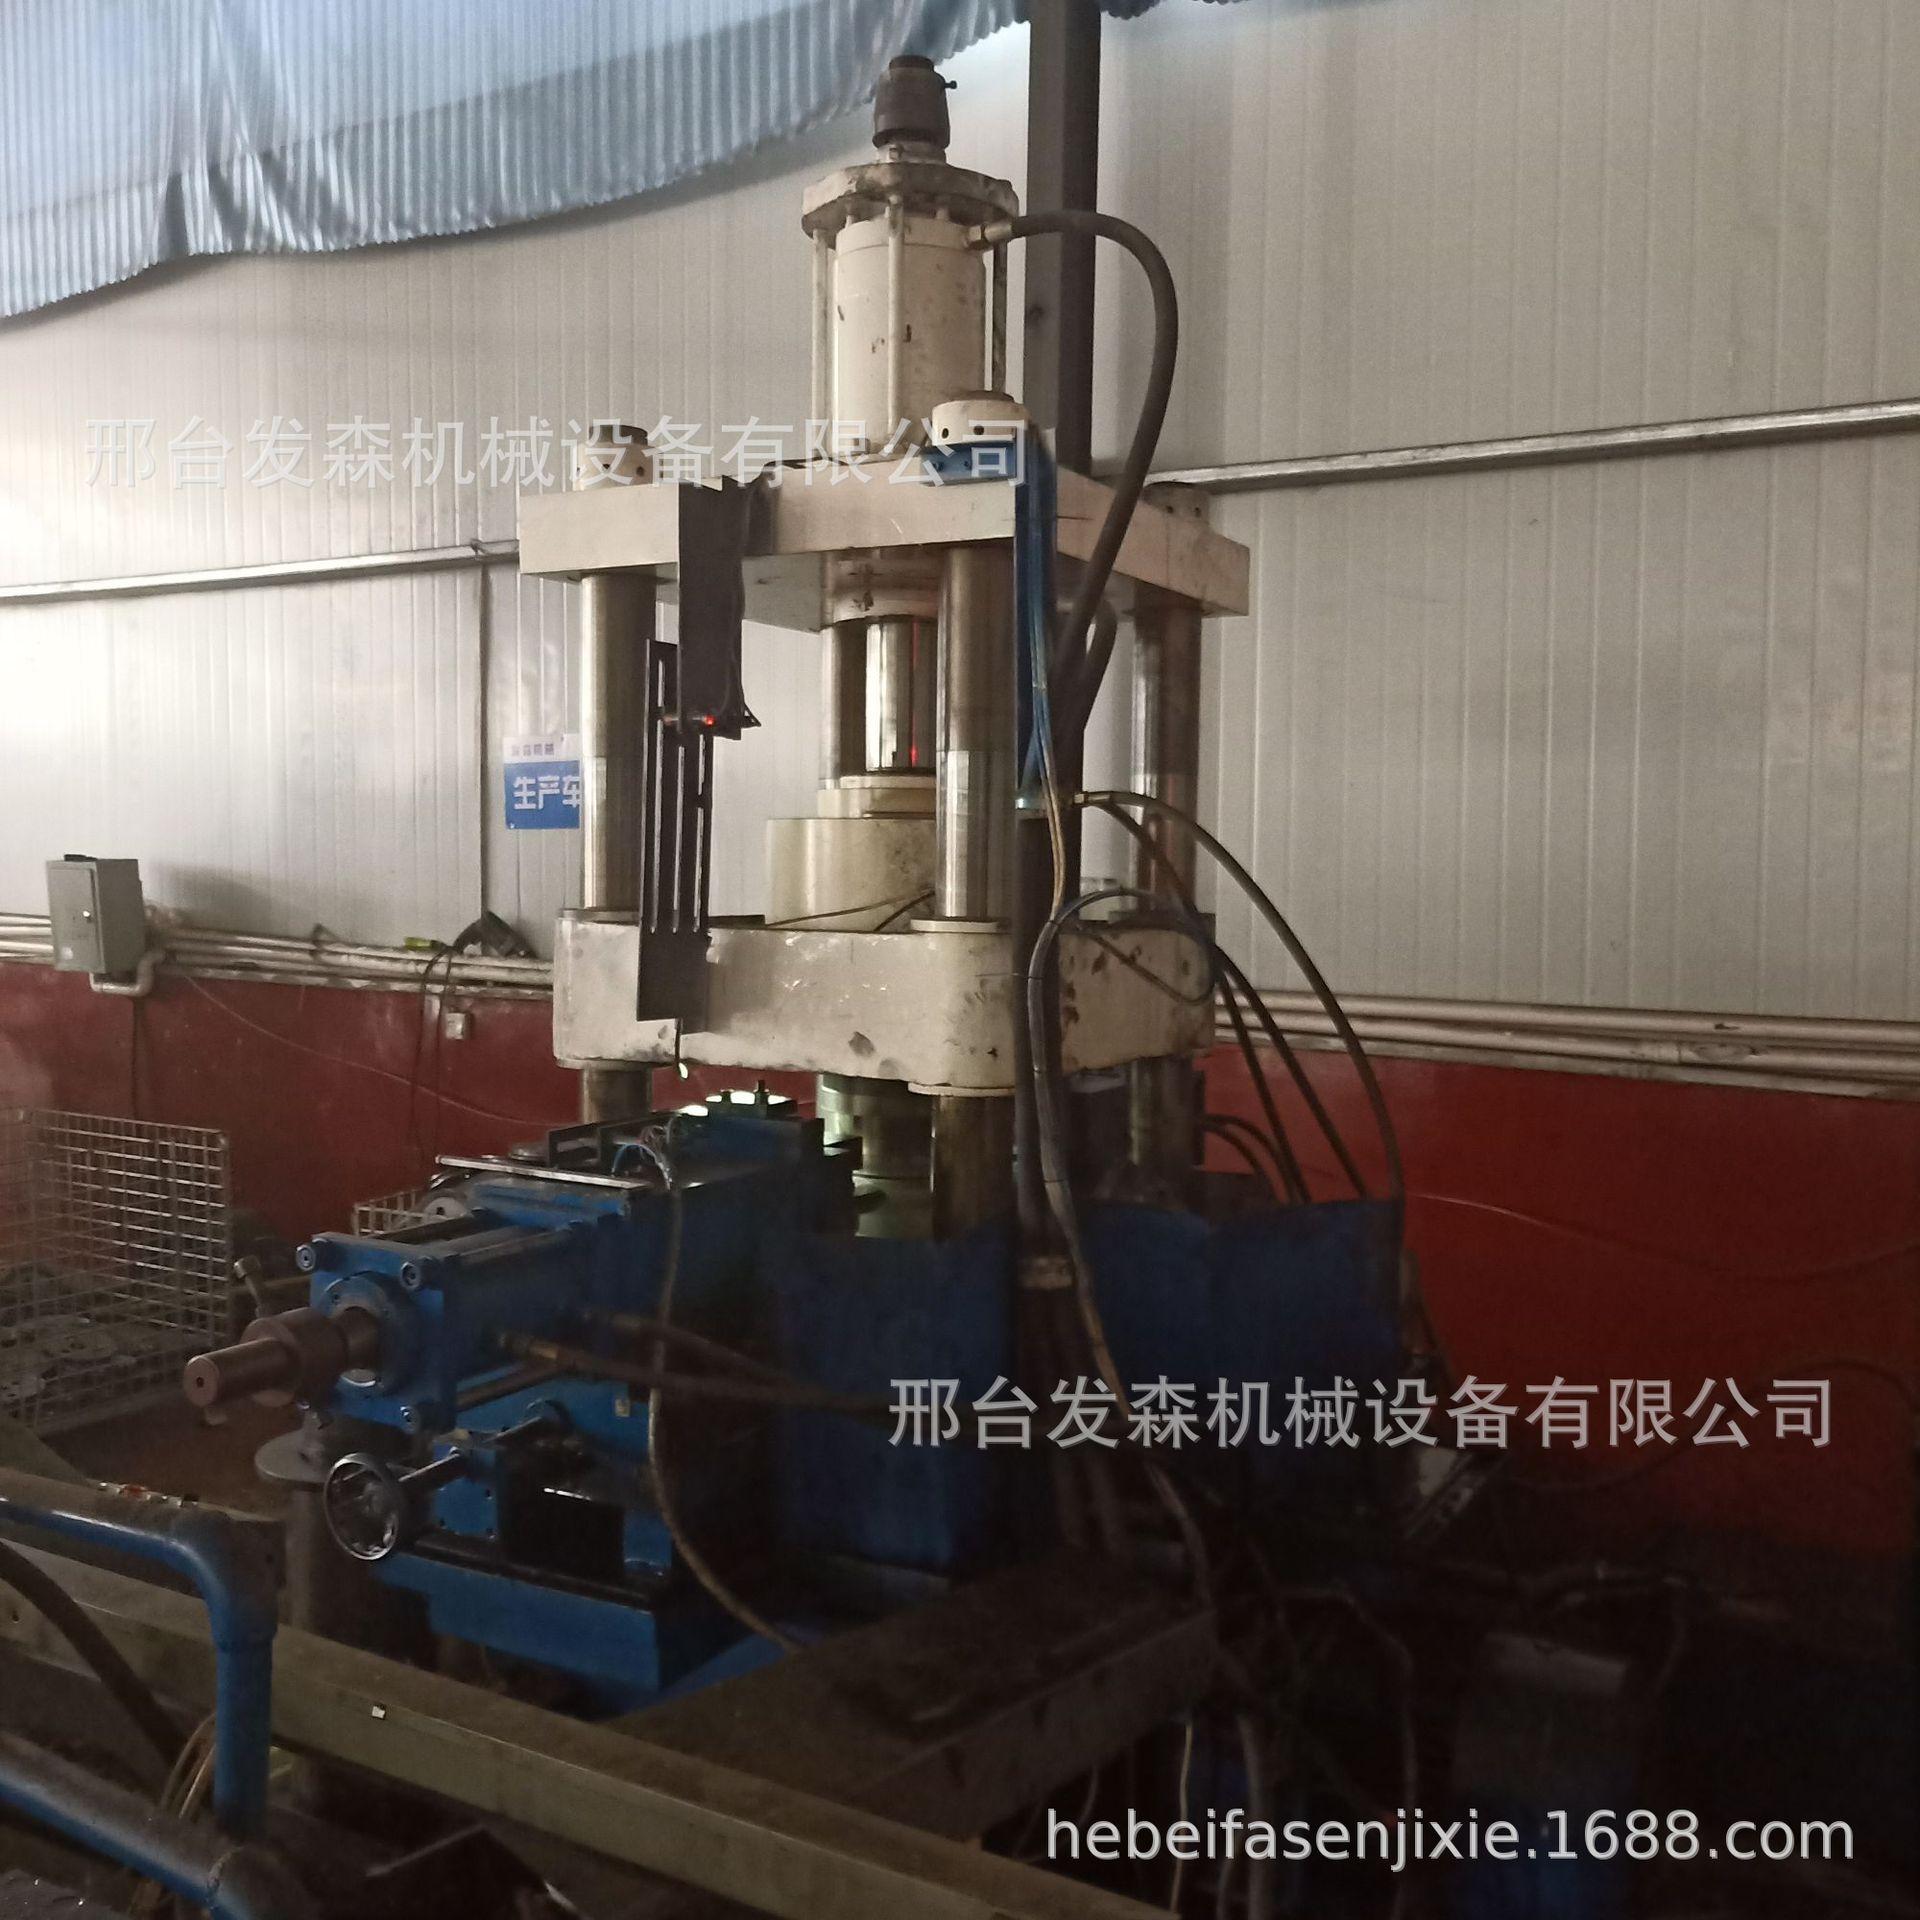 厂家直销定做旋压机  旋压皮带轮制作机械 劈开式皮带轮专用示例图1